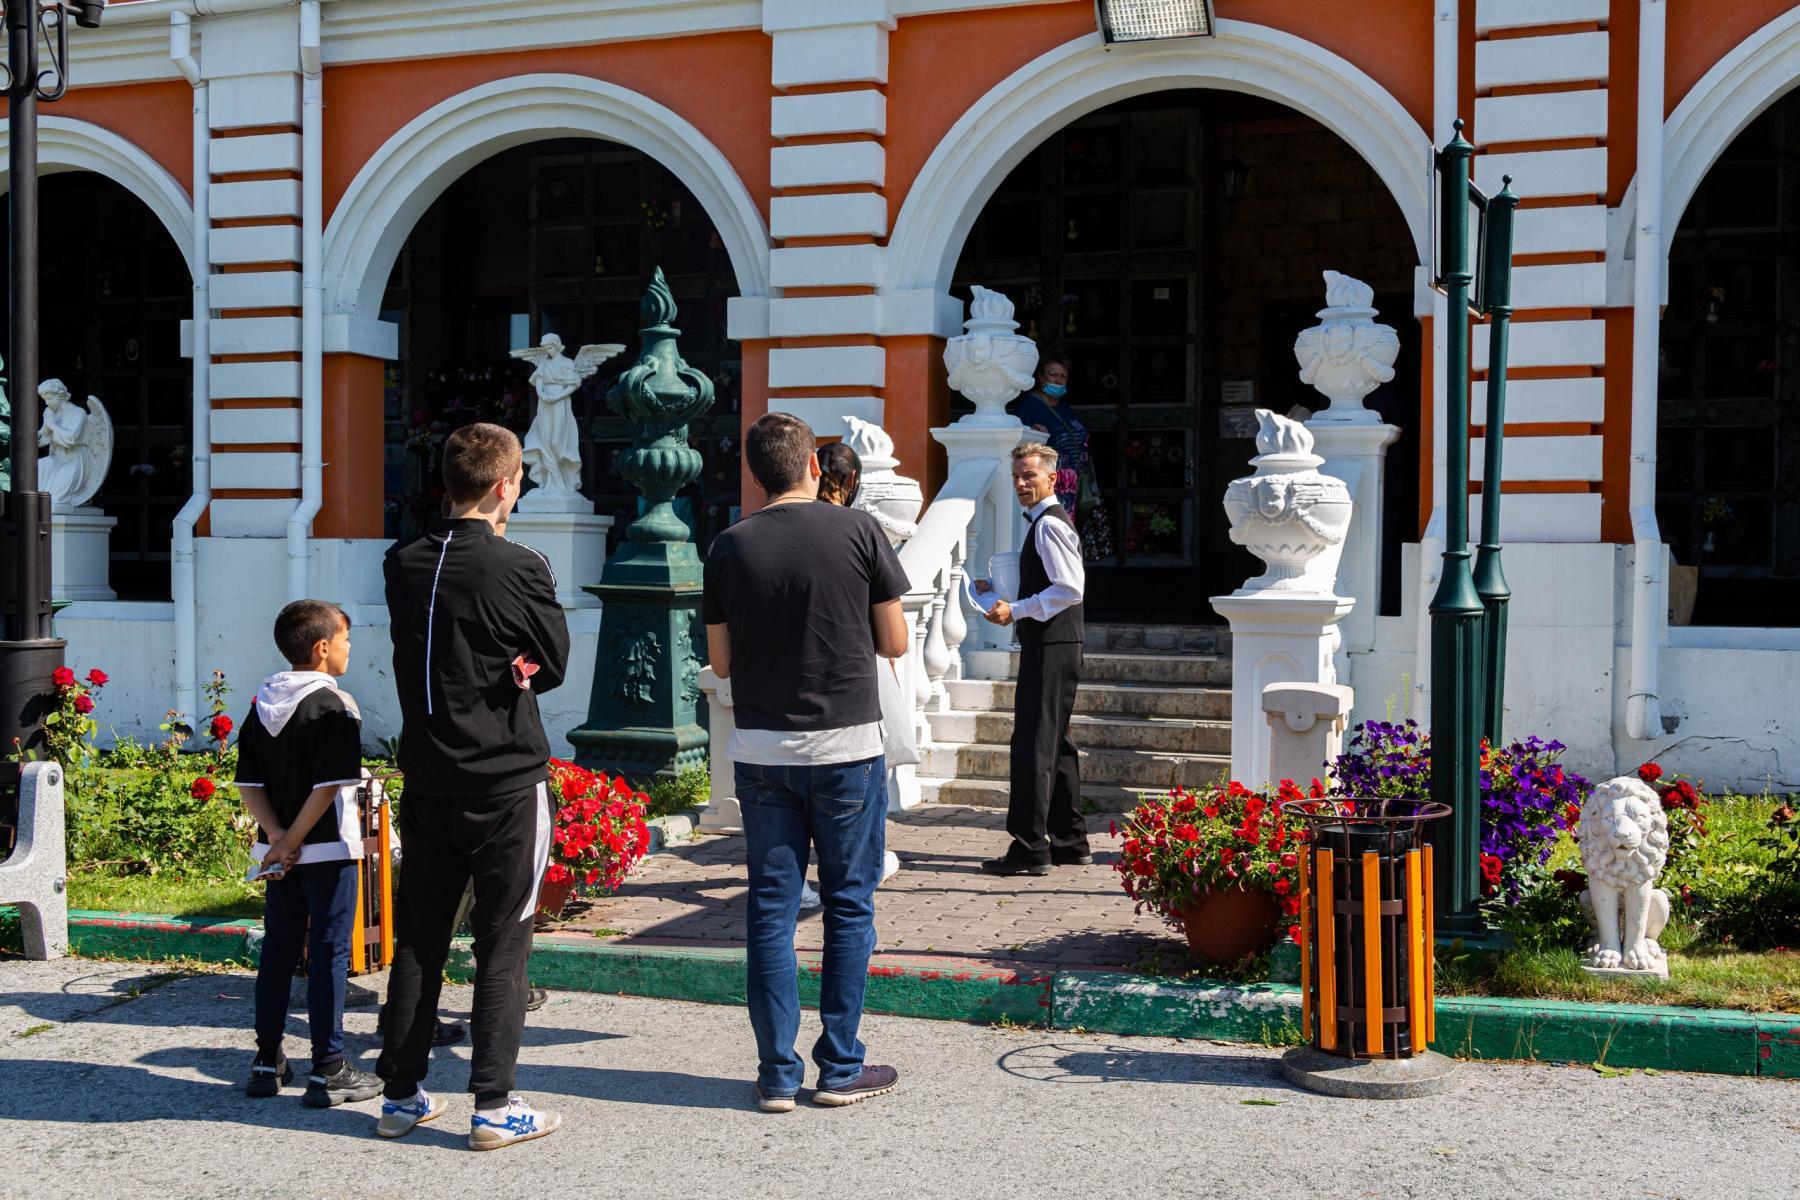 Фото «Сделайте так, чтобы он улыбался»: в ритуальном агентстве рассказали о ценах на ВИП-похороны в Новосибирске и самых необычных просьбах родственников 4